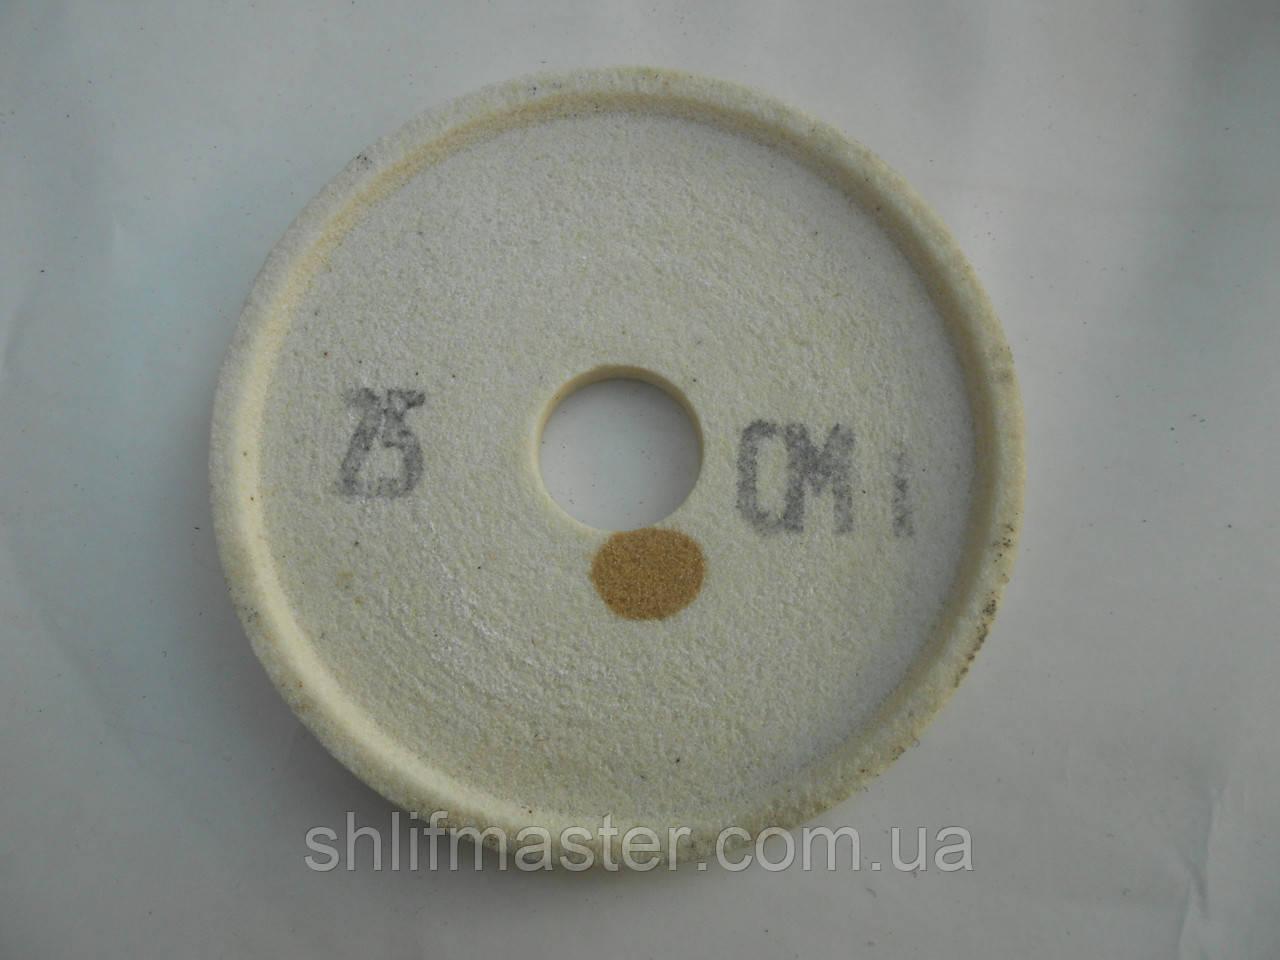 Круг шлифовальный прямой с двойной выточкой 25А ПВДС 150х16х32 25 СМ1